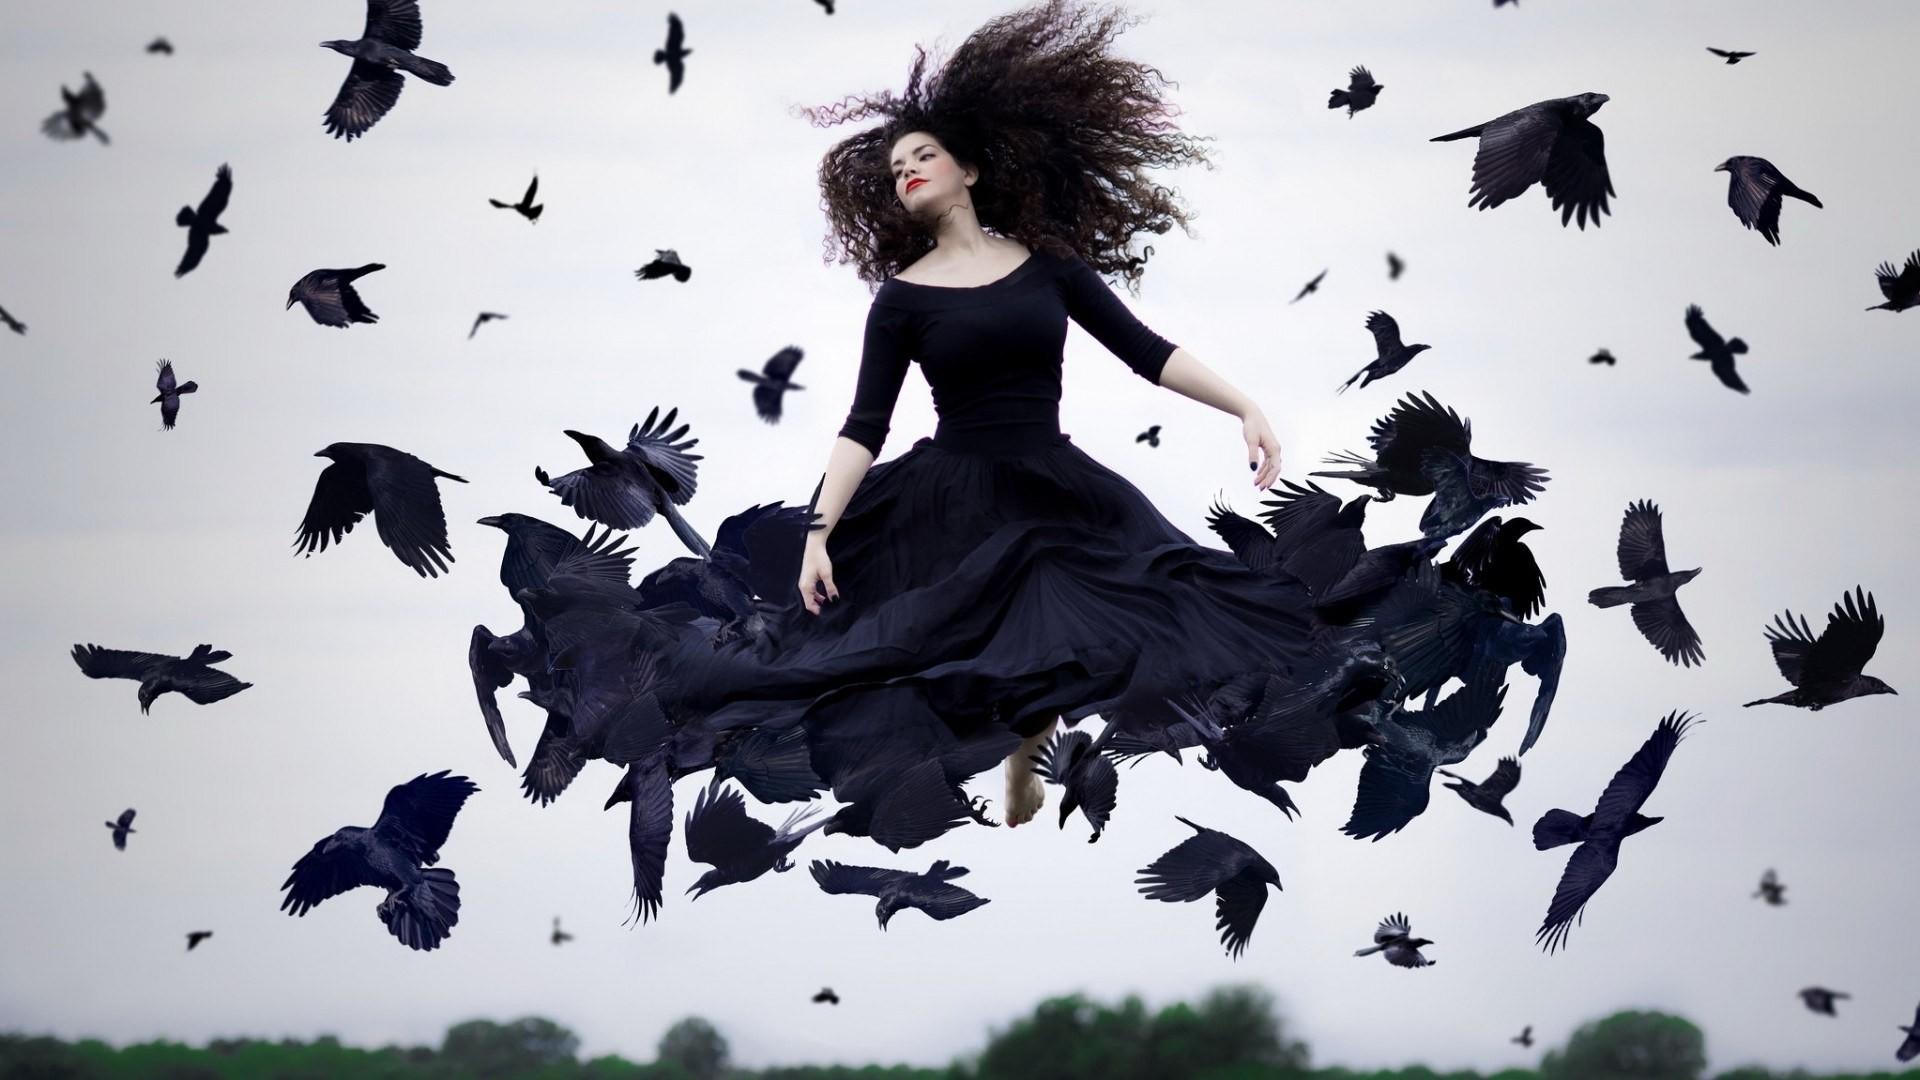 Papel de parede : Árvores, ilustração, Pássaros, Mulheres ...